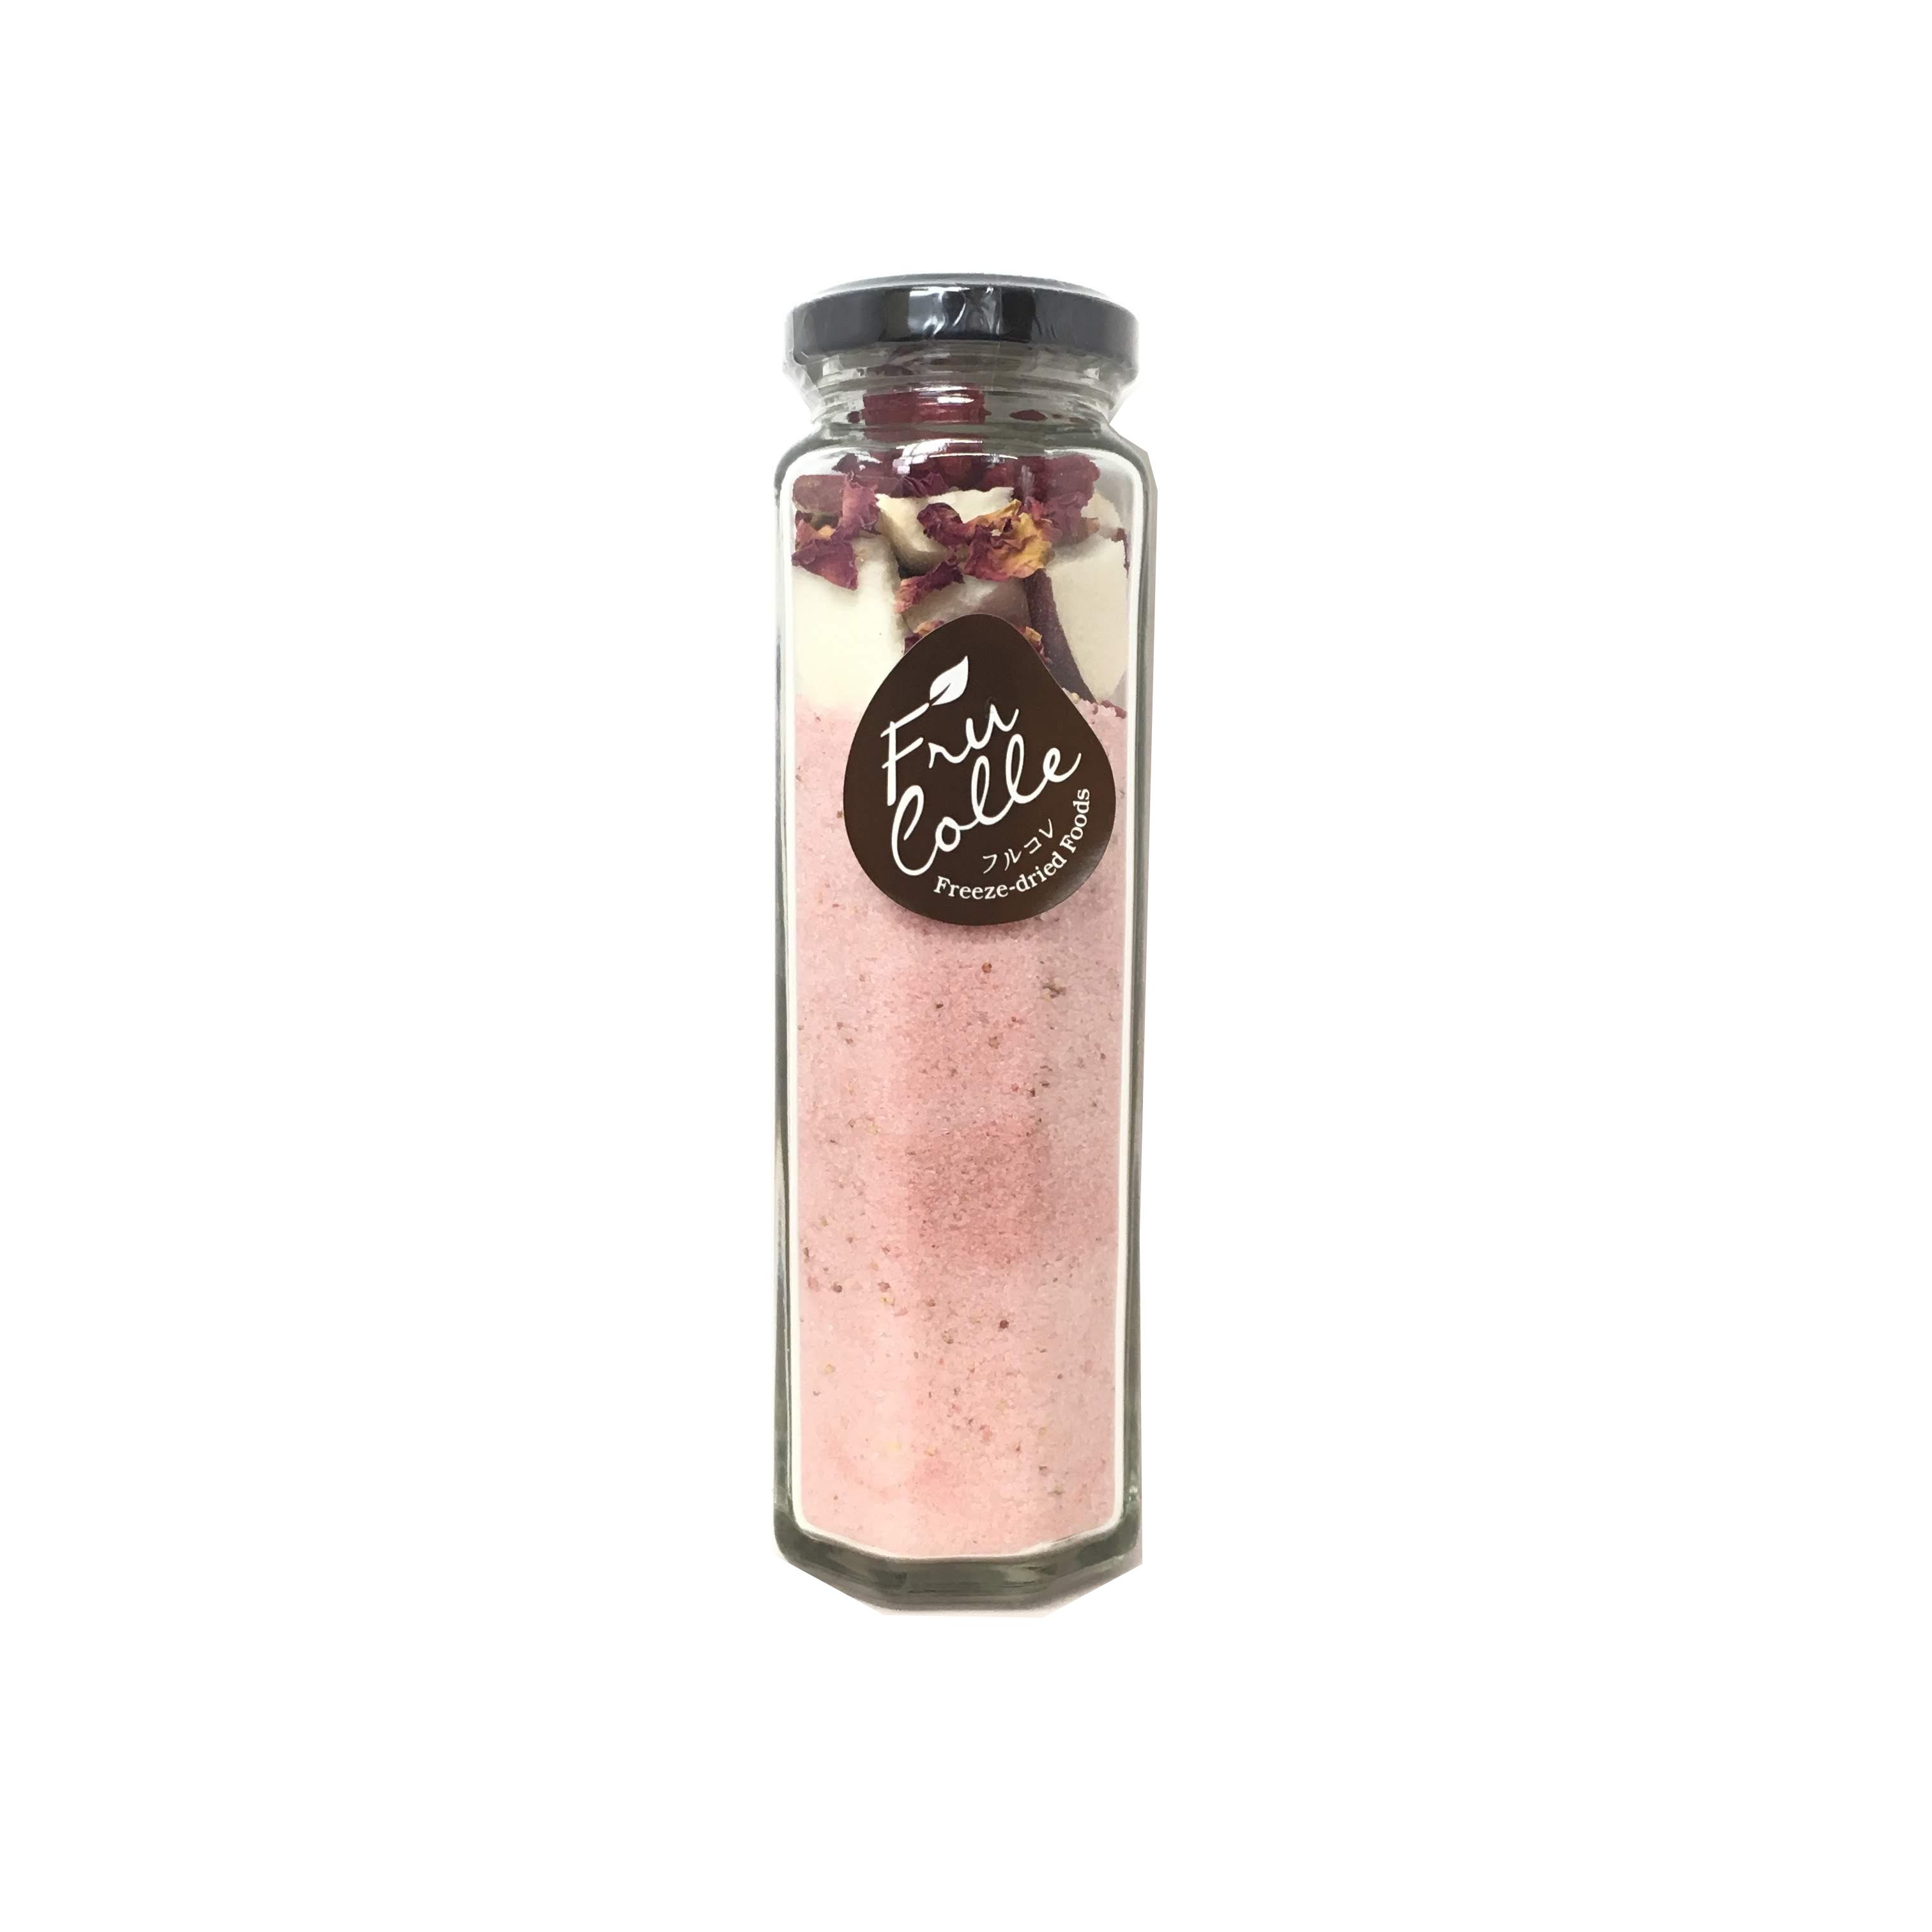 八角瓶 フルーツシュガー イチゴ